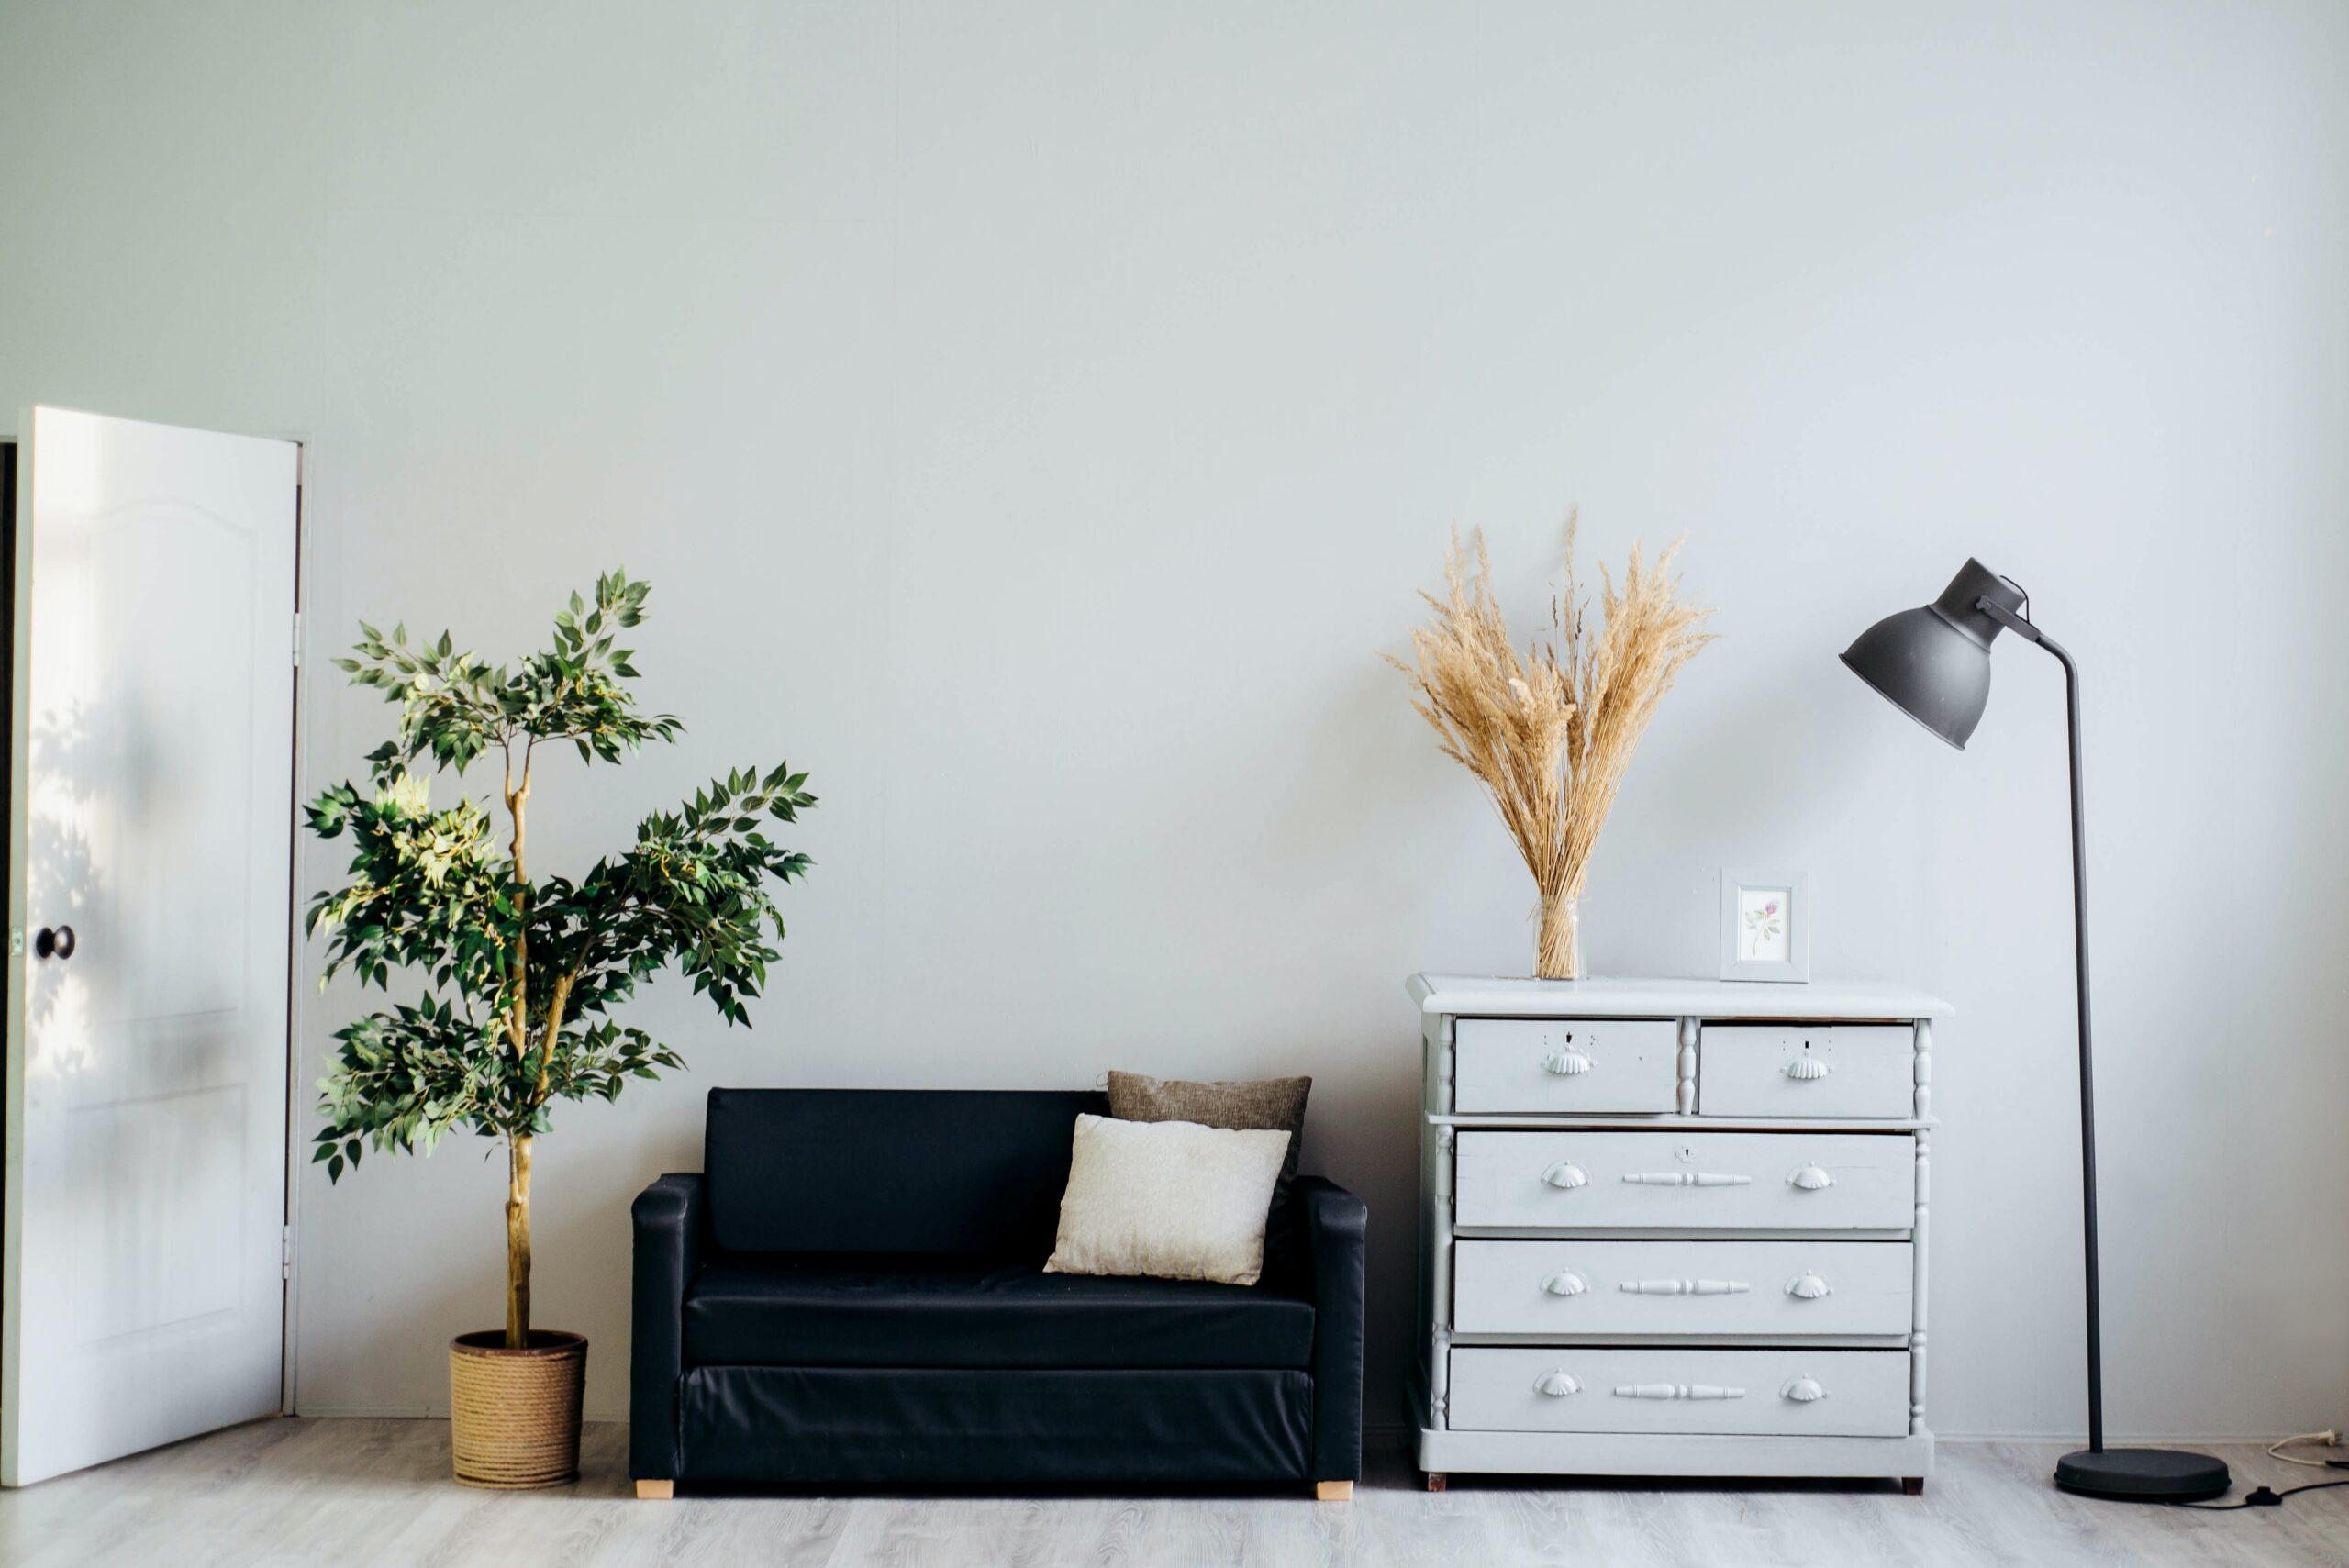 Hygge și alte concepte inedite: cum le aducem în spațiile noastre